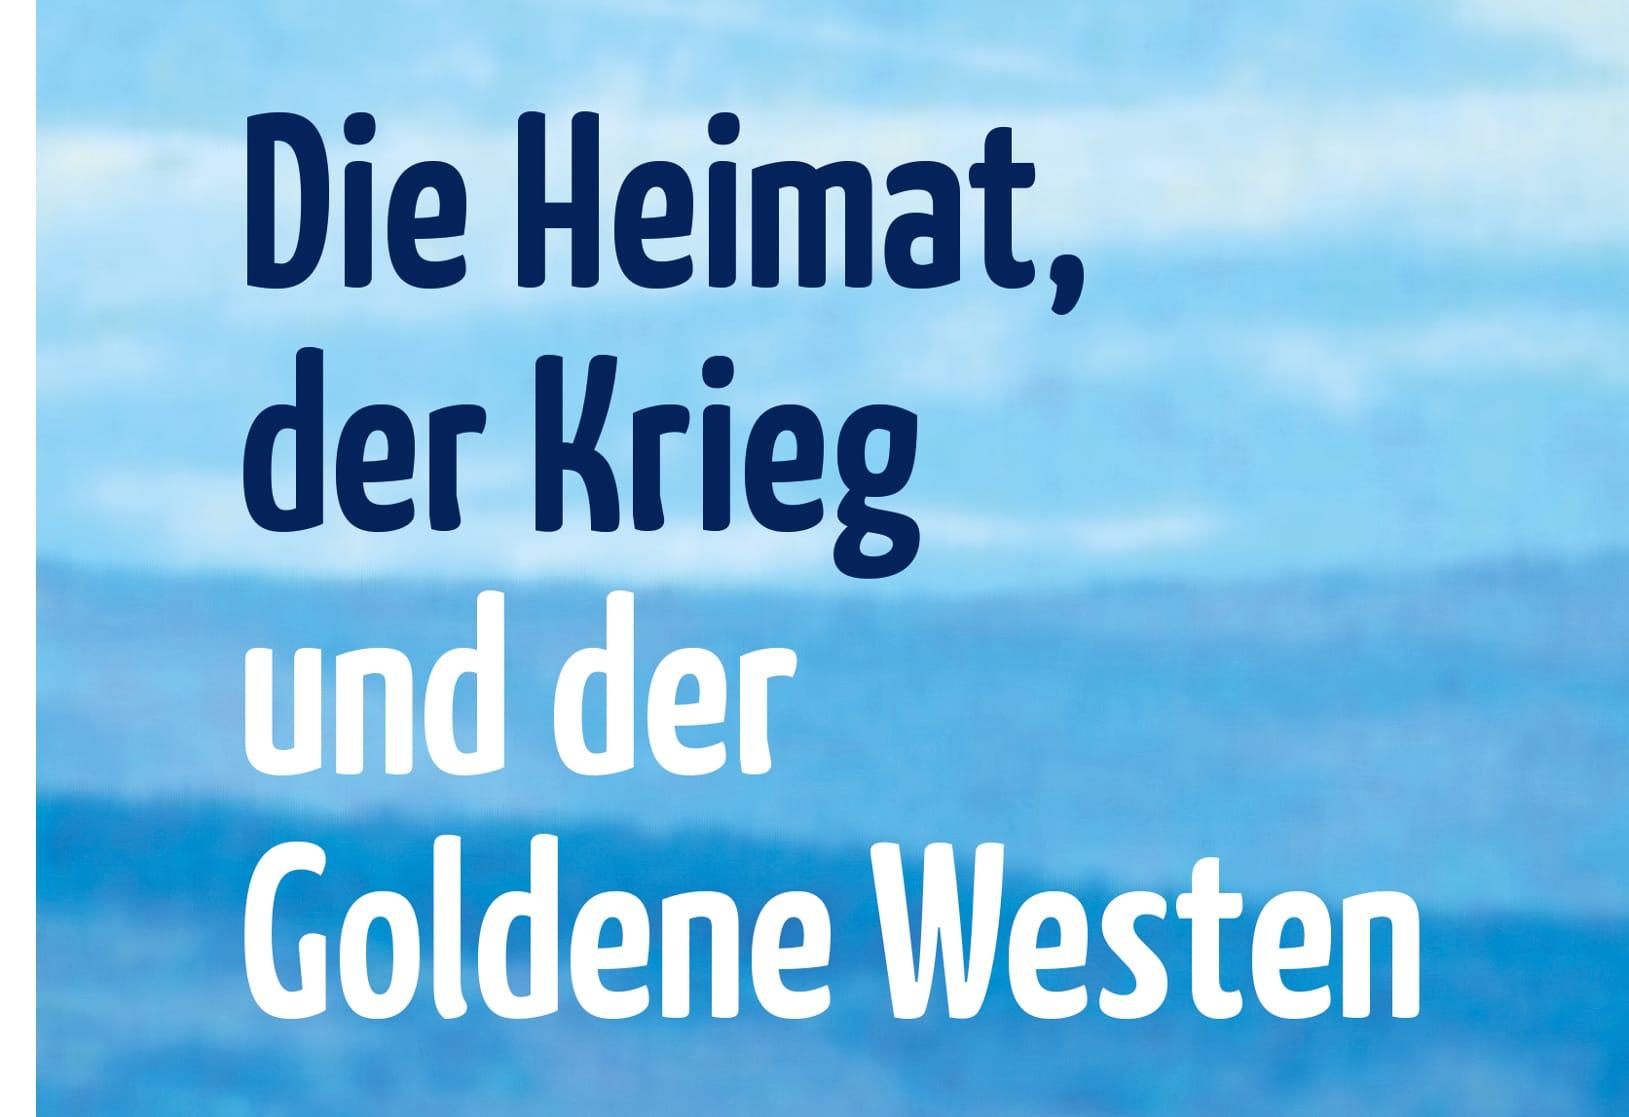 buch-die-heimat-der-krieg-u-der-goldene-westen-isbn-9783943007213-72dpi-gross